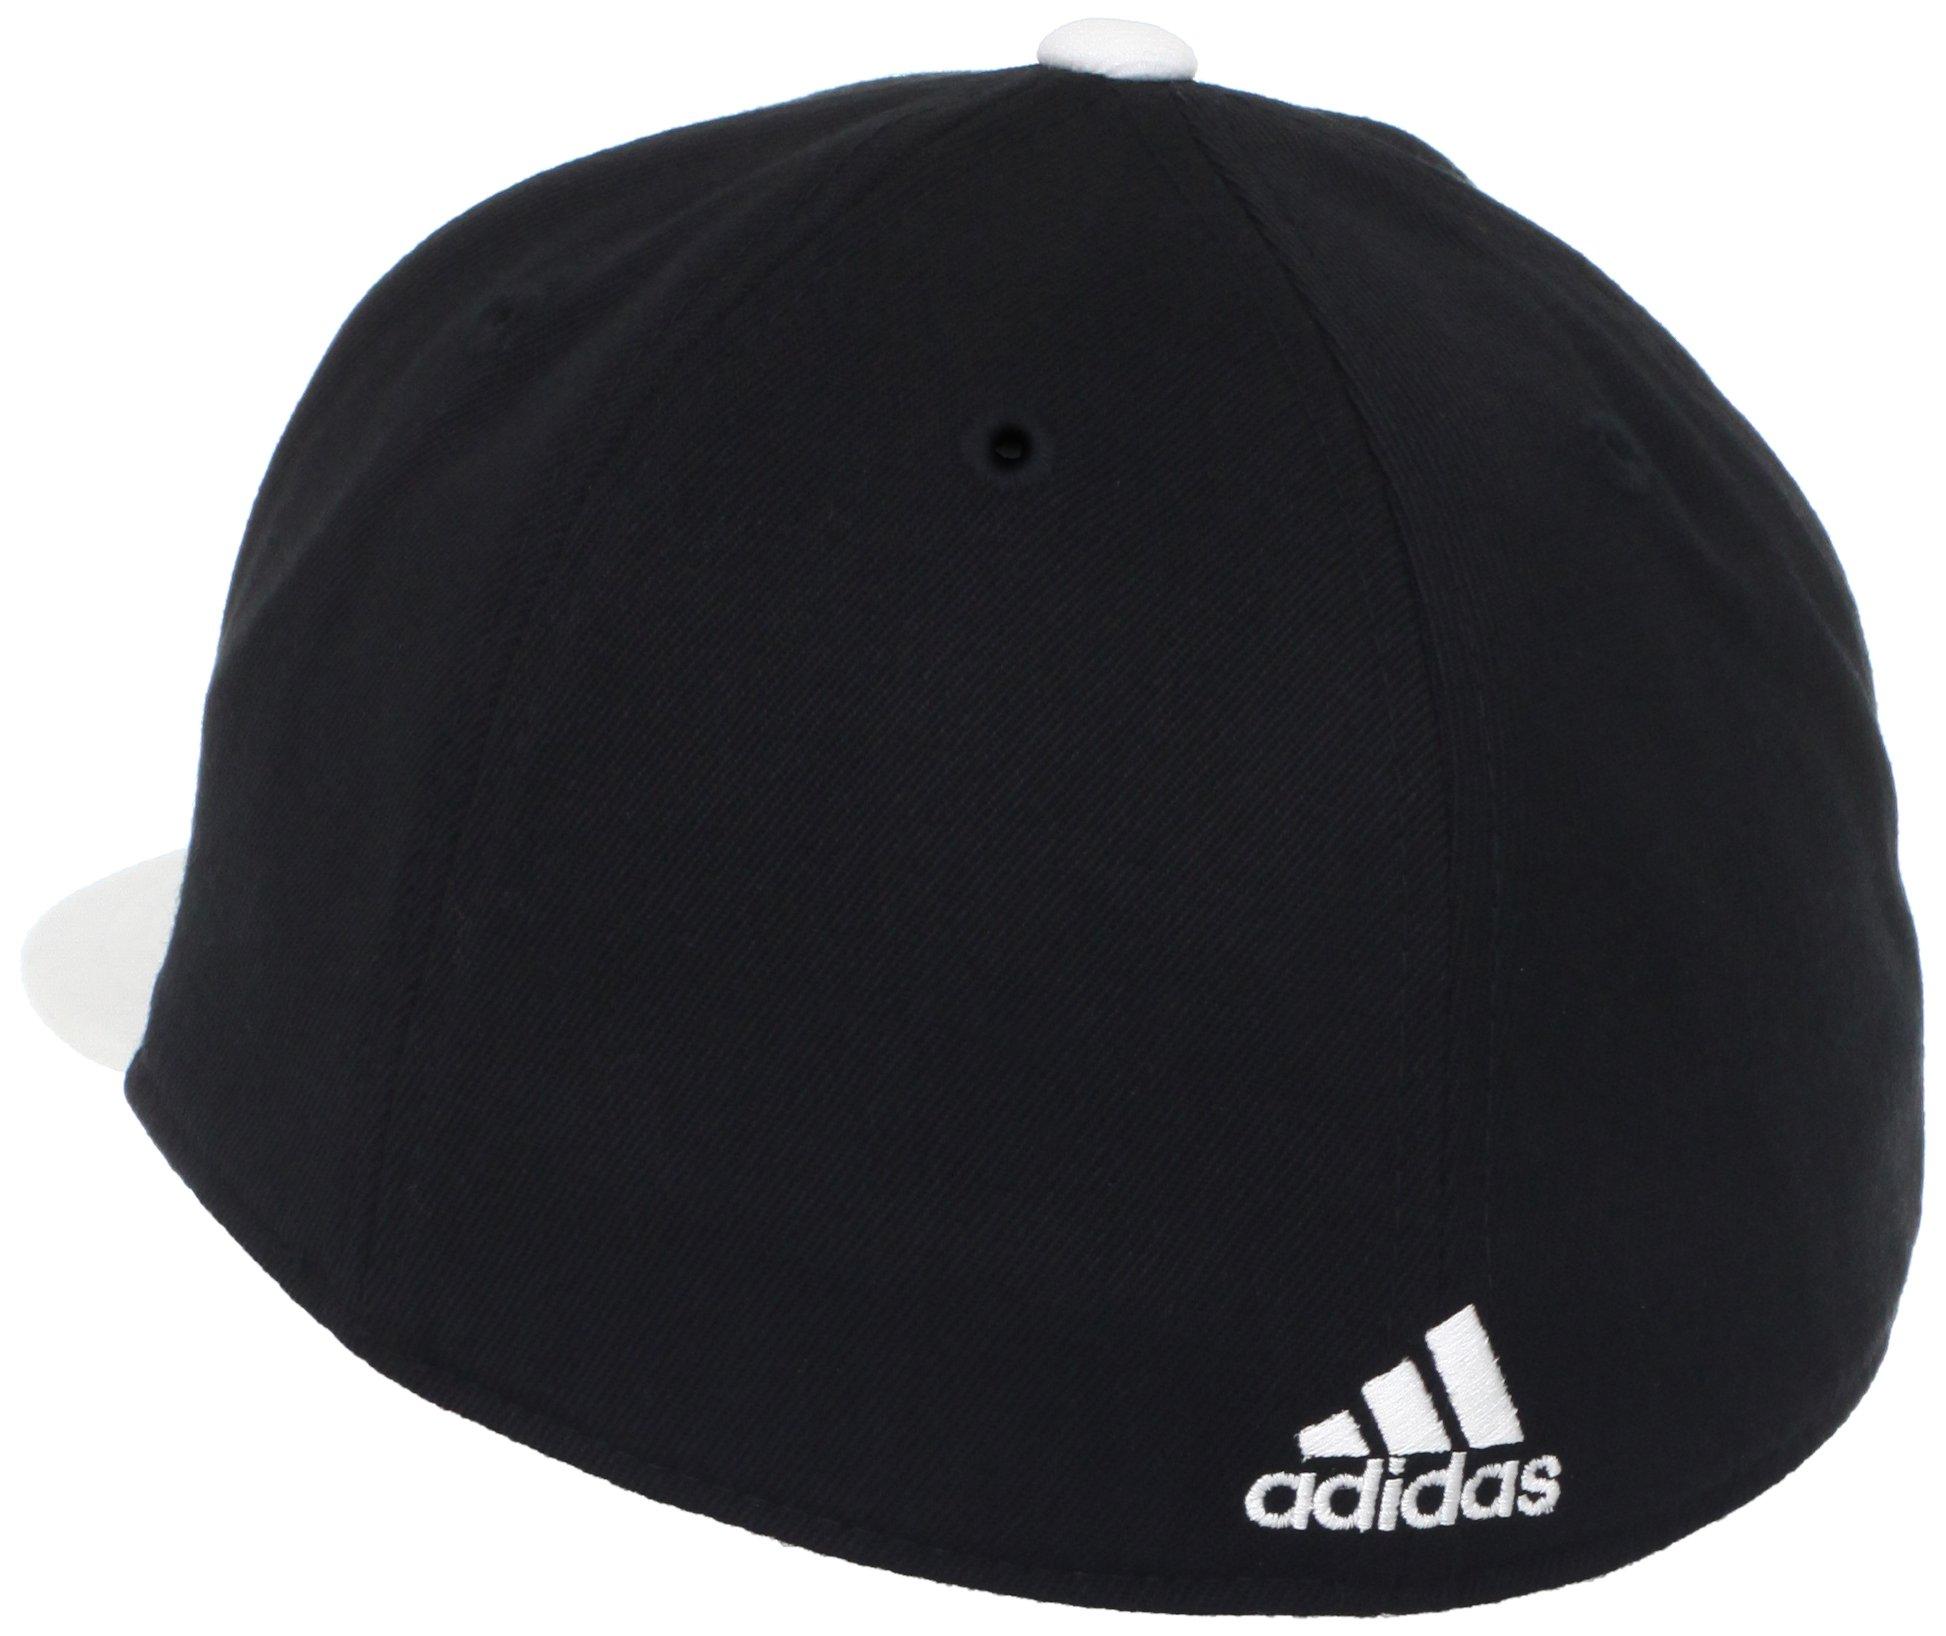 adidas NBA Brooklyn Nets Flat Brim Flex Fit Wool Hat, Large/X-Large